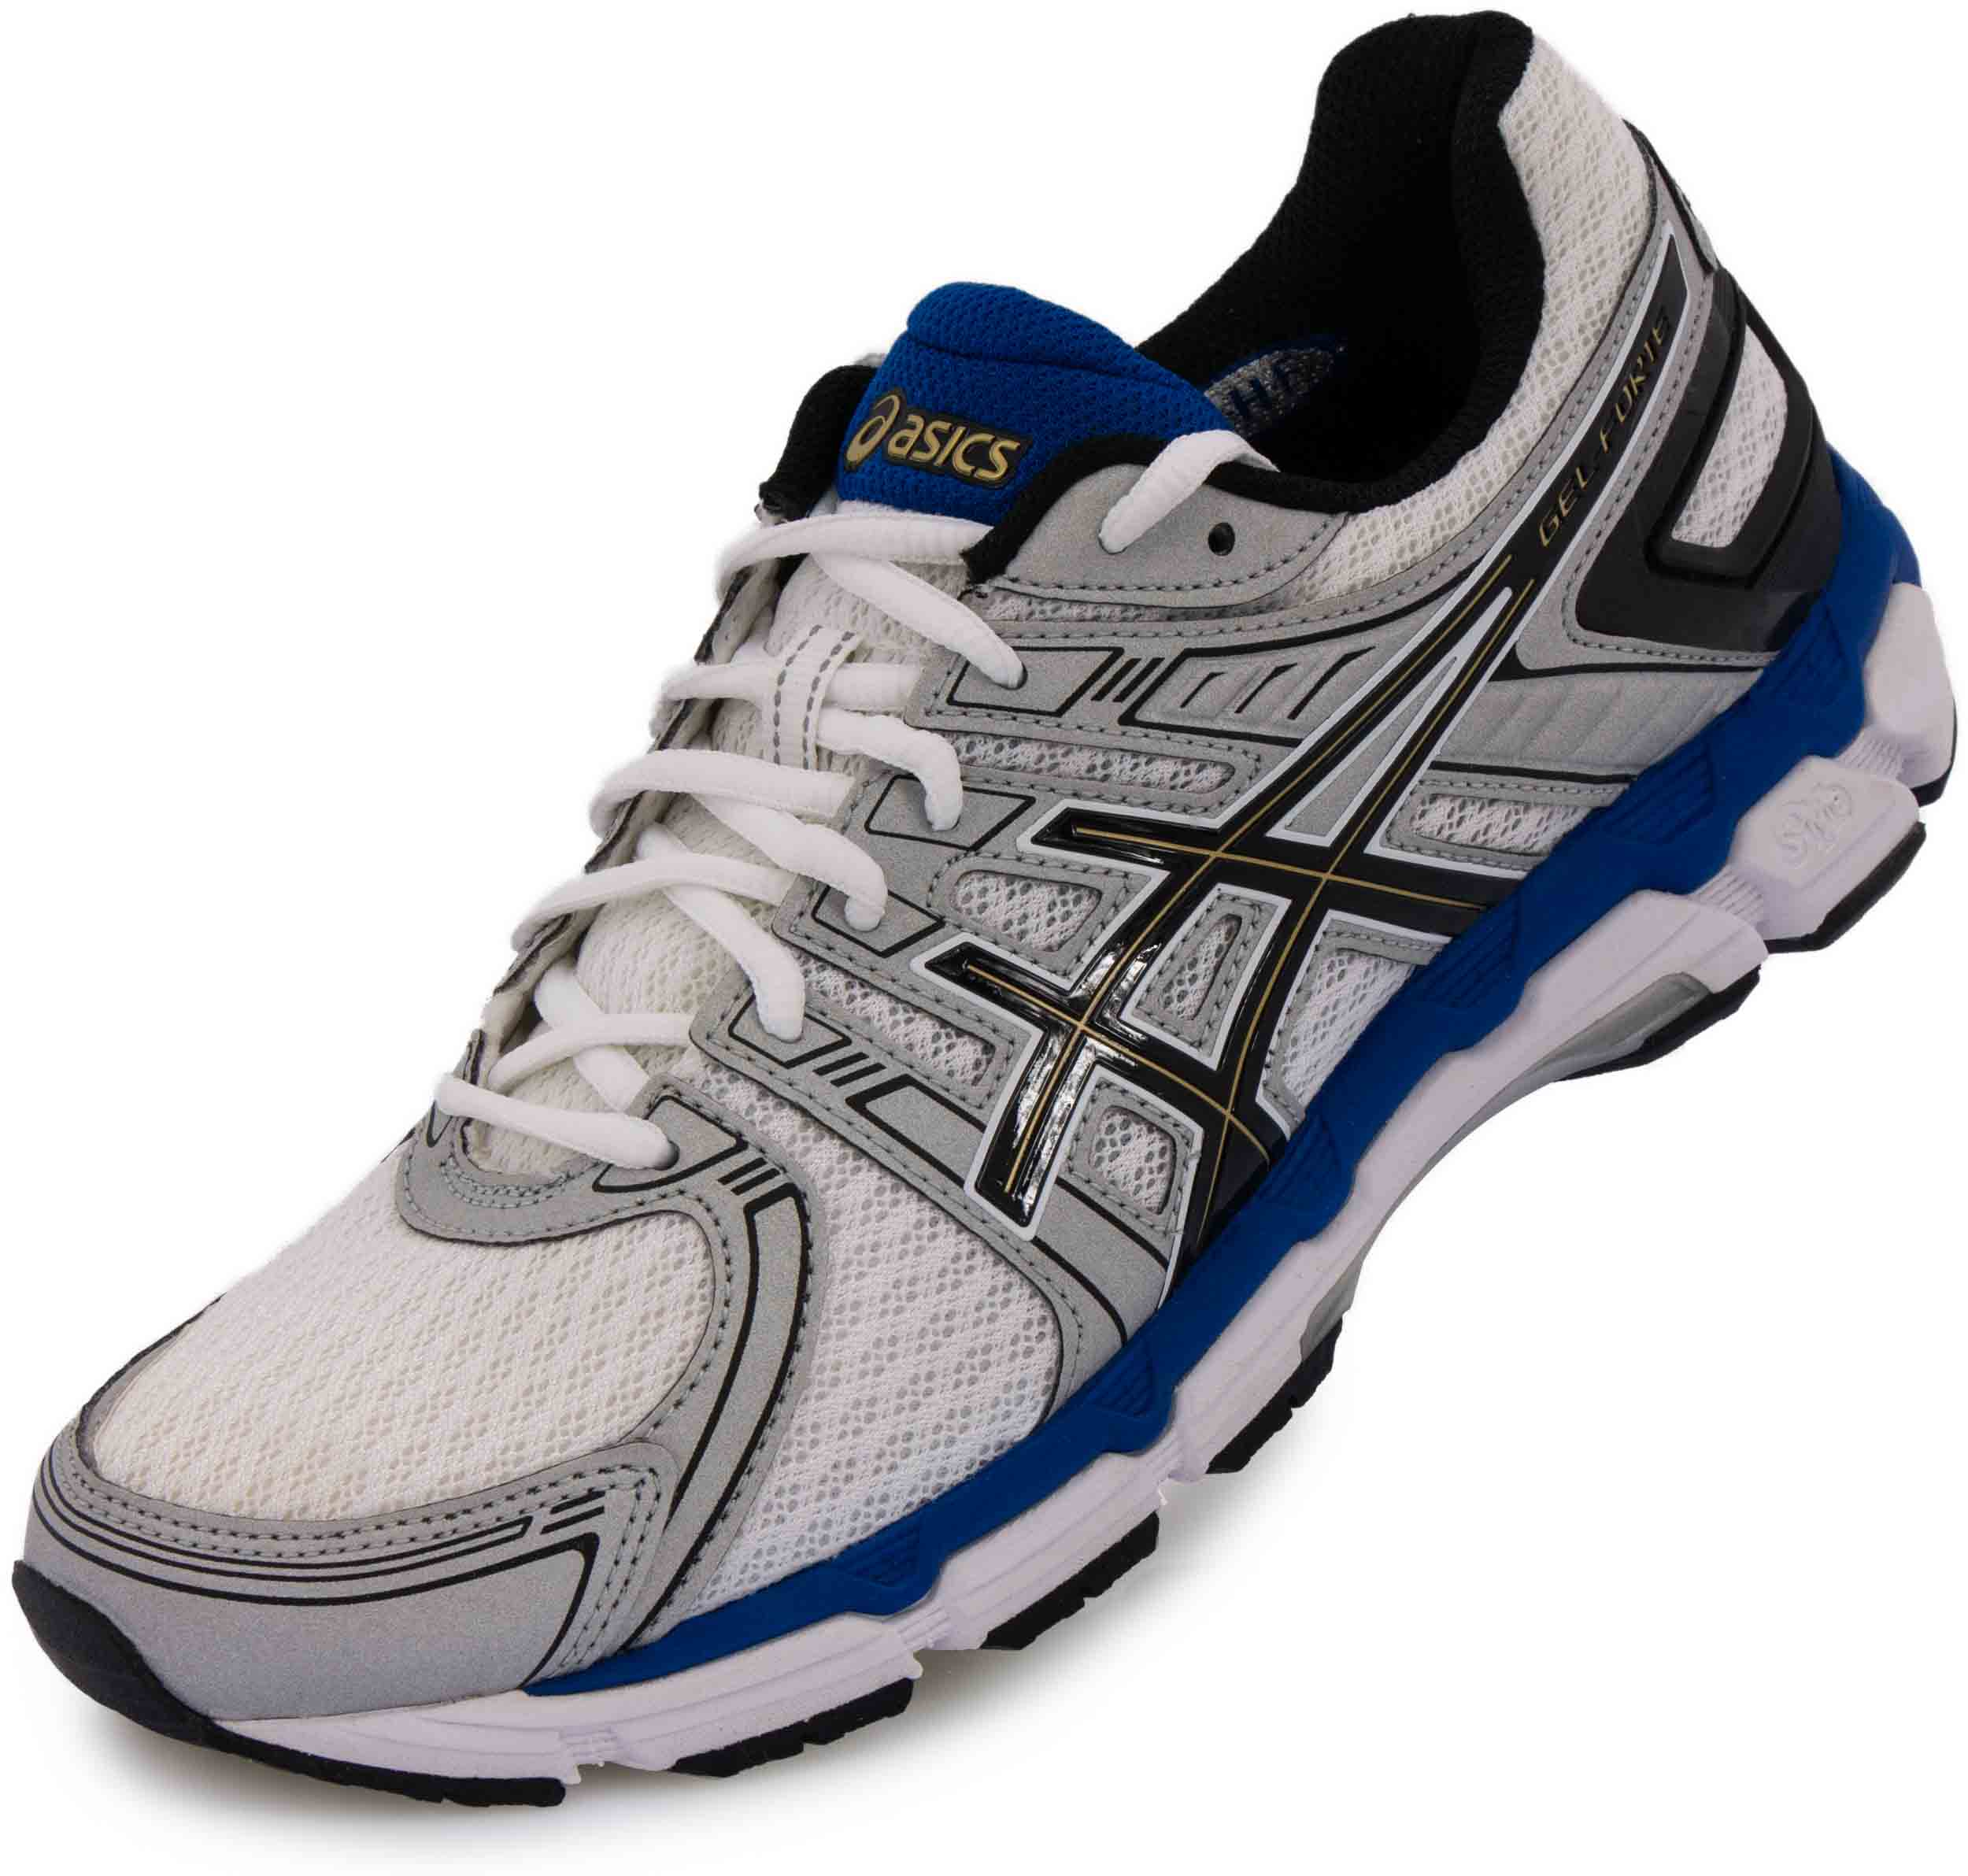 246766c67a2 Pánská běžecká obuv Asics Gel-Forte